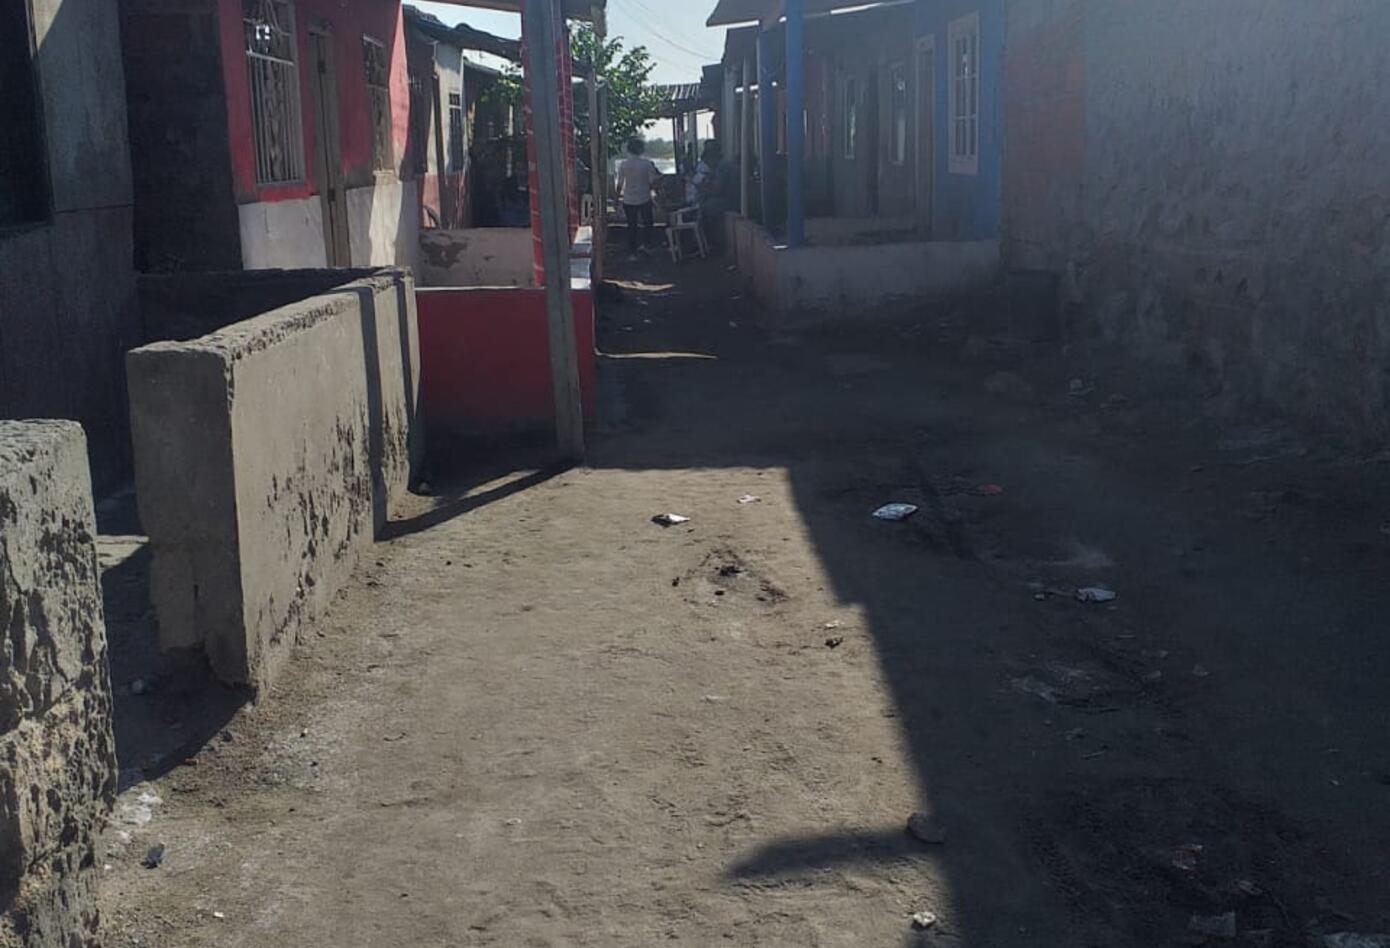 La población de Tasajera muestra su silencio y dolor, sus calles solas cargadas de dolor